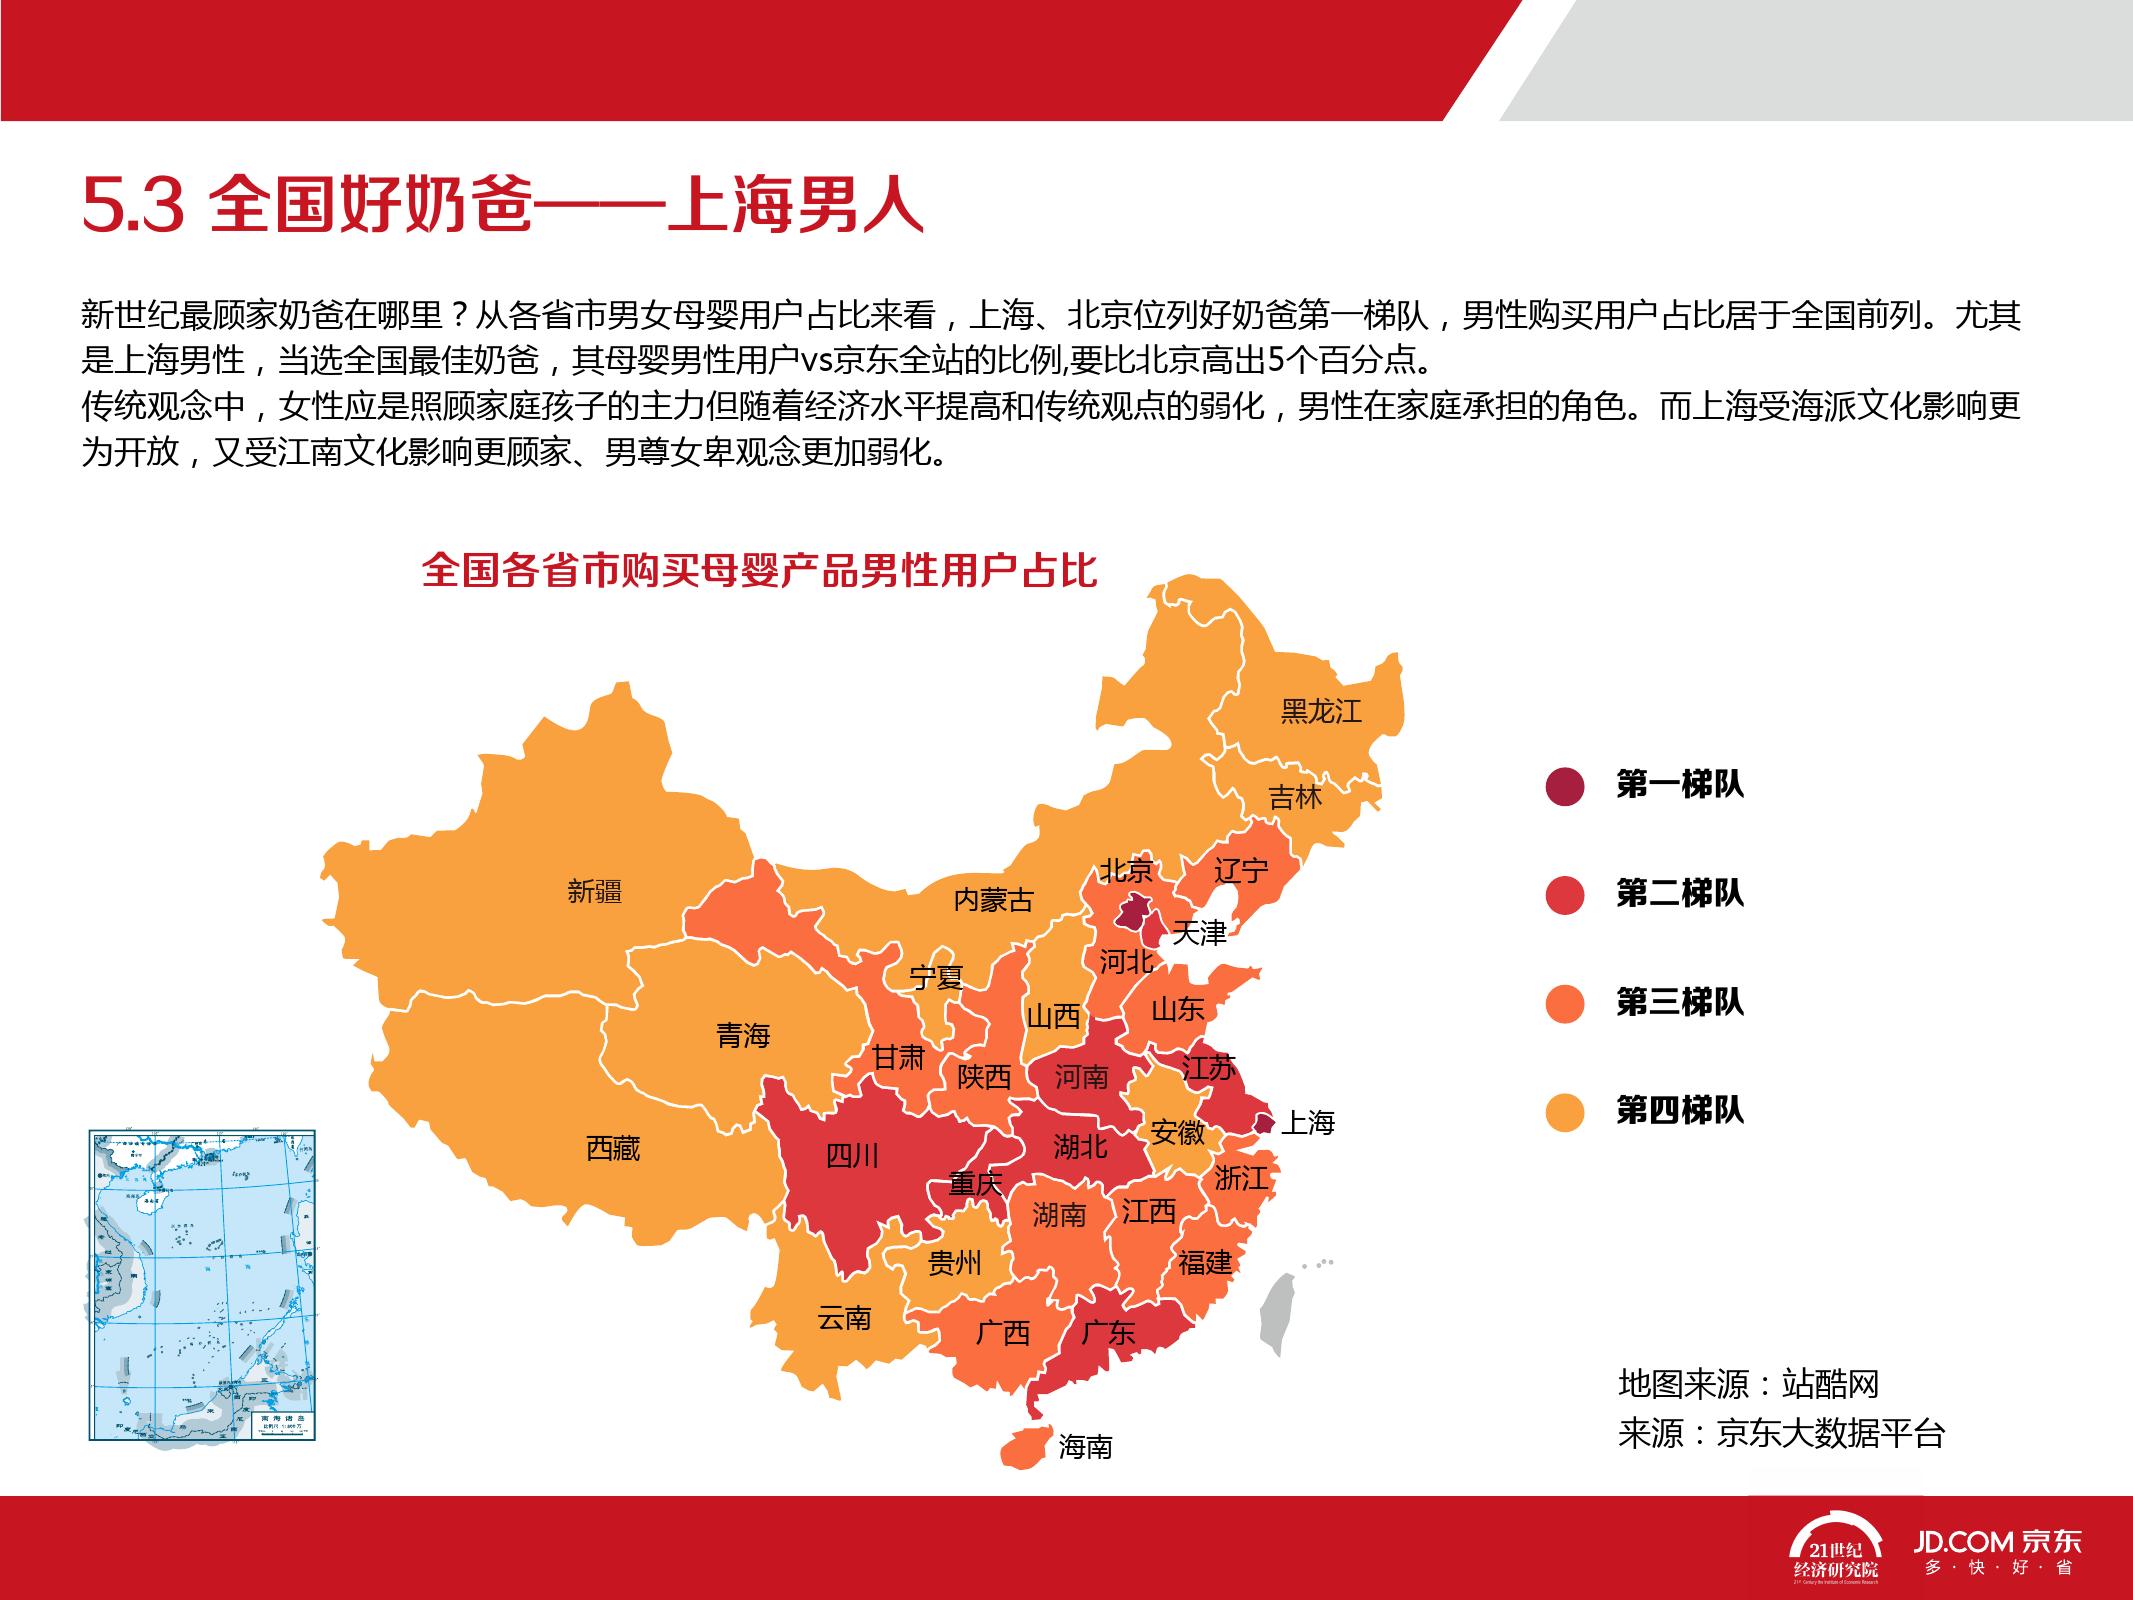 2016中国母婴产品消费趋势报告_000060